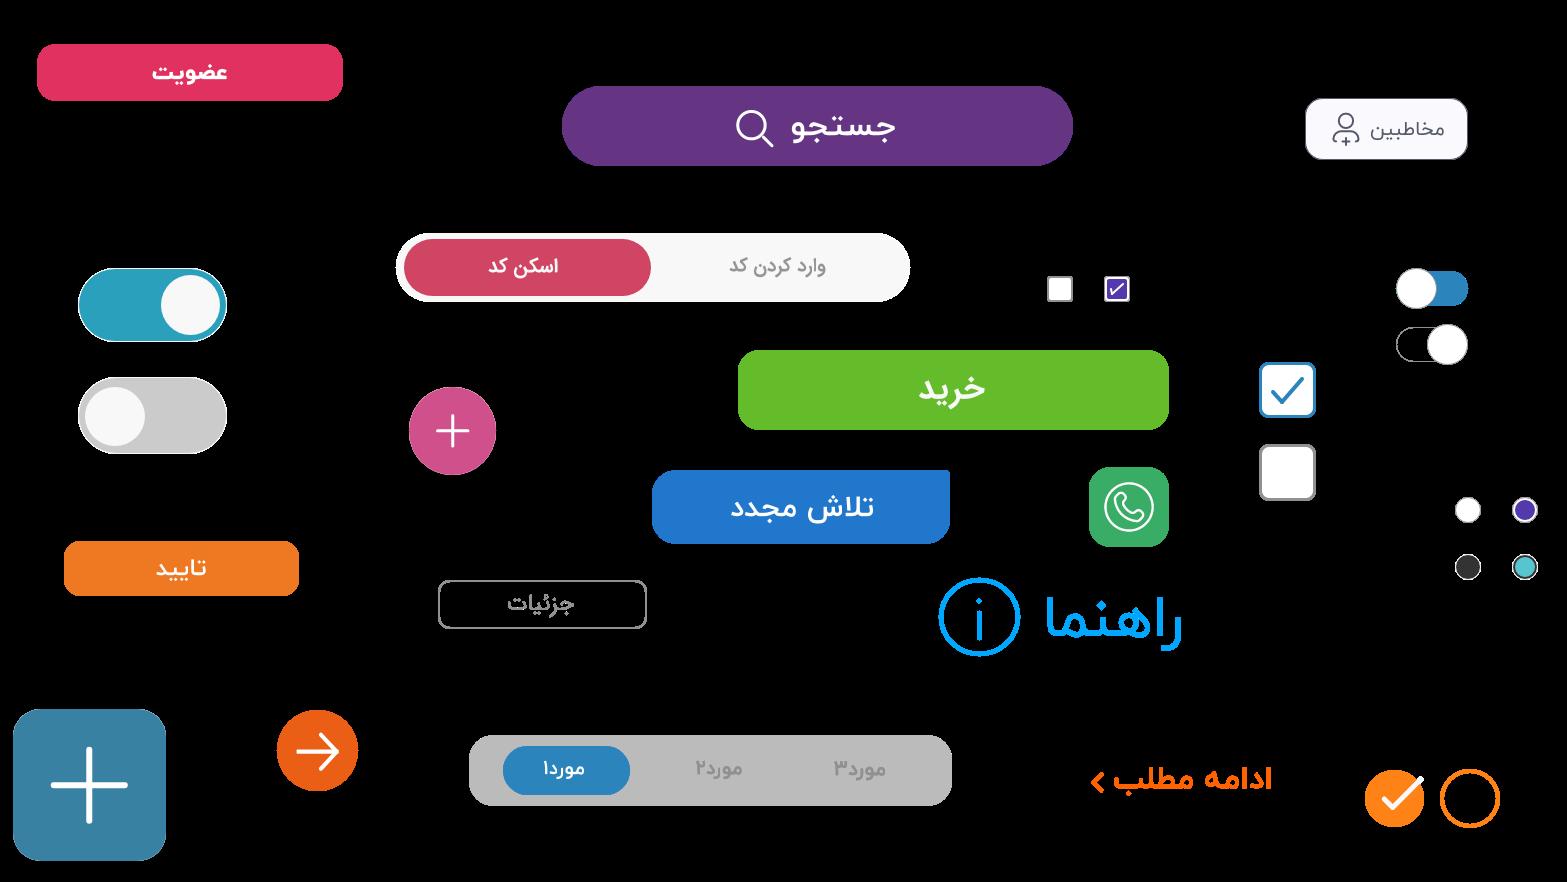 طراحی دکمههای دیجیتال